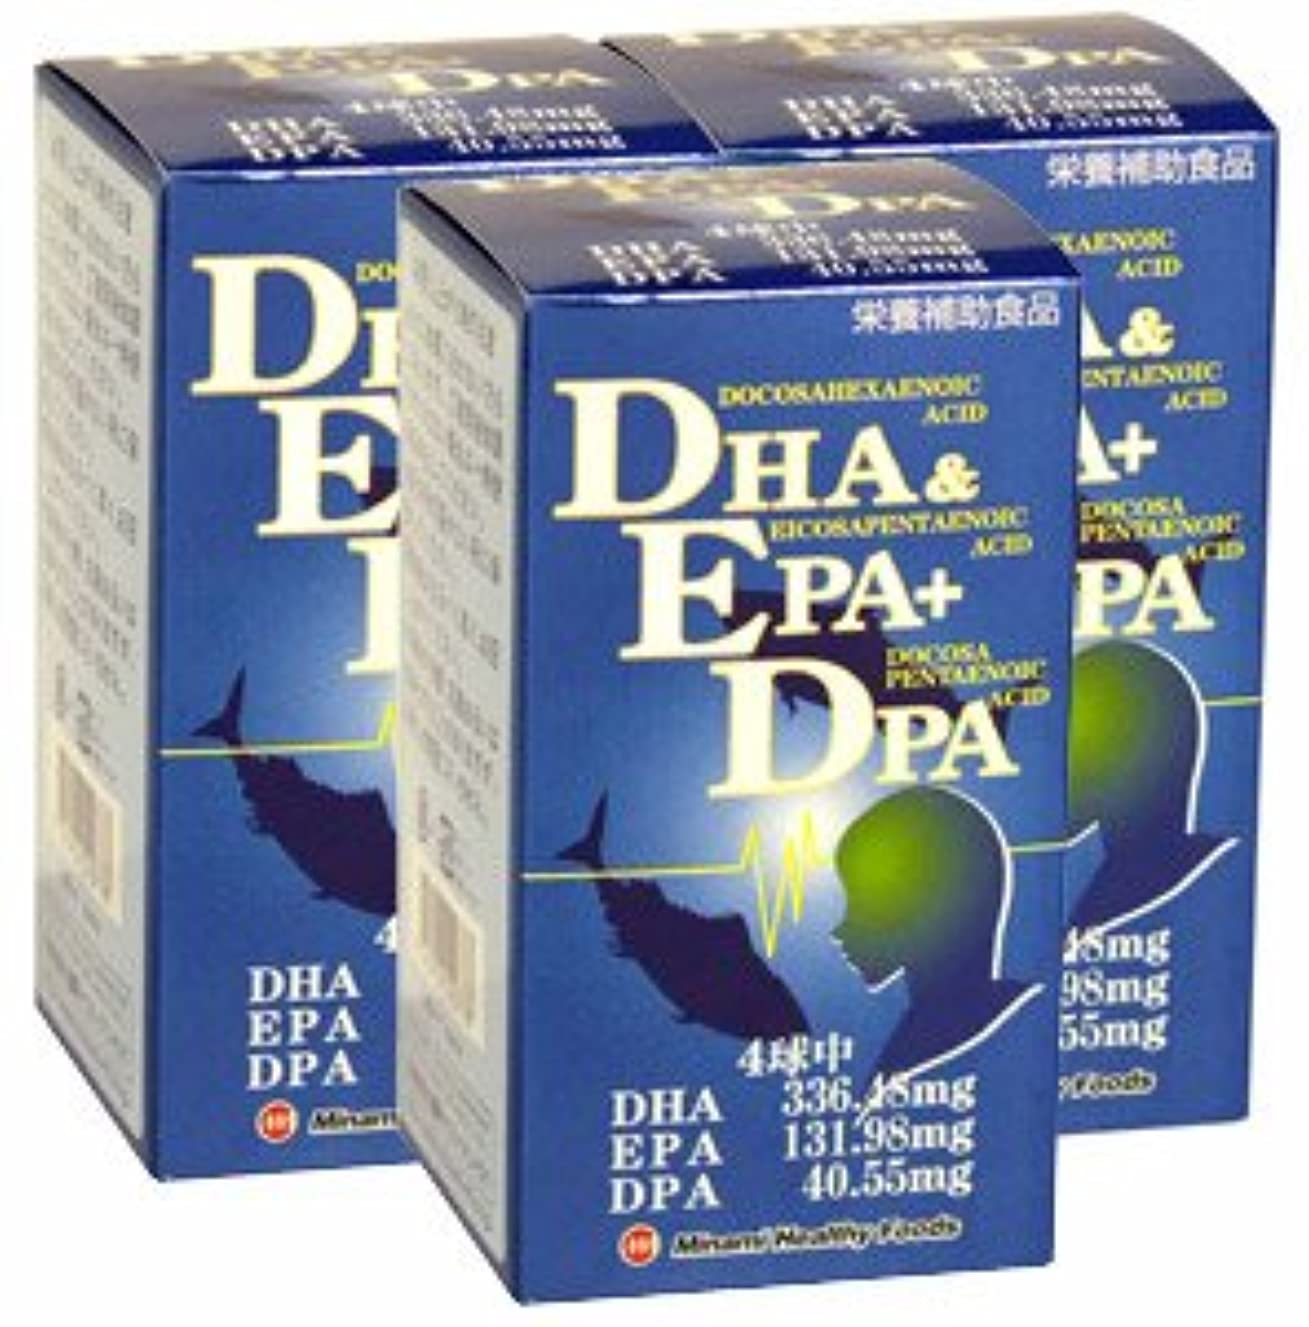 士気サミュエル転用DHA&EPA+DPA【3本セット】ミナミヘルシーフーズ